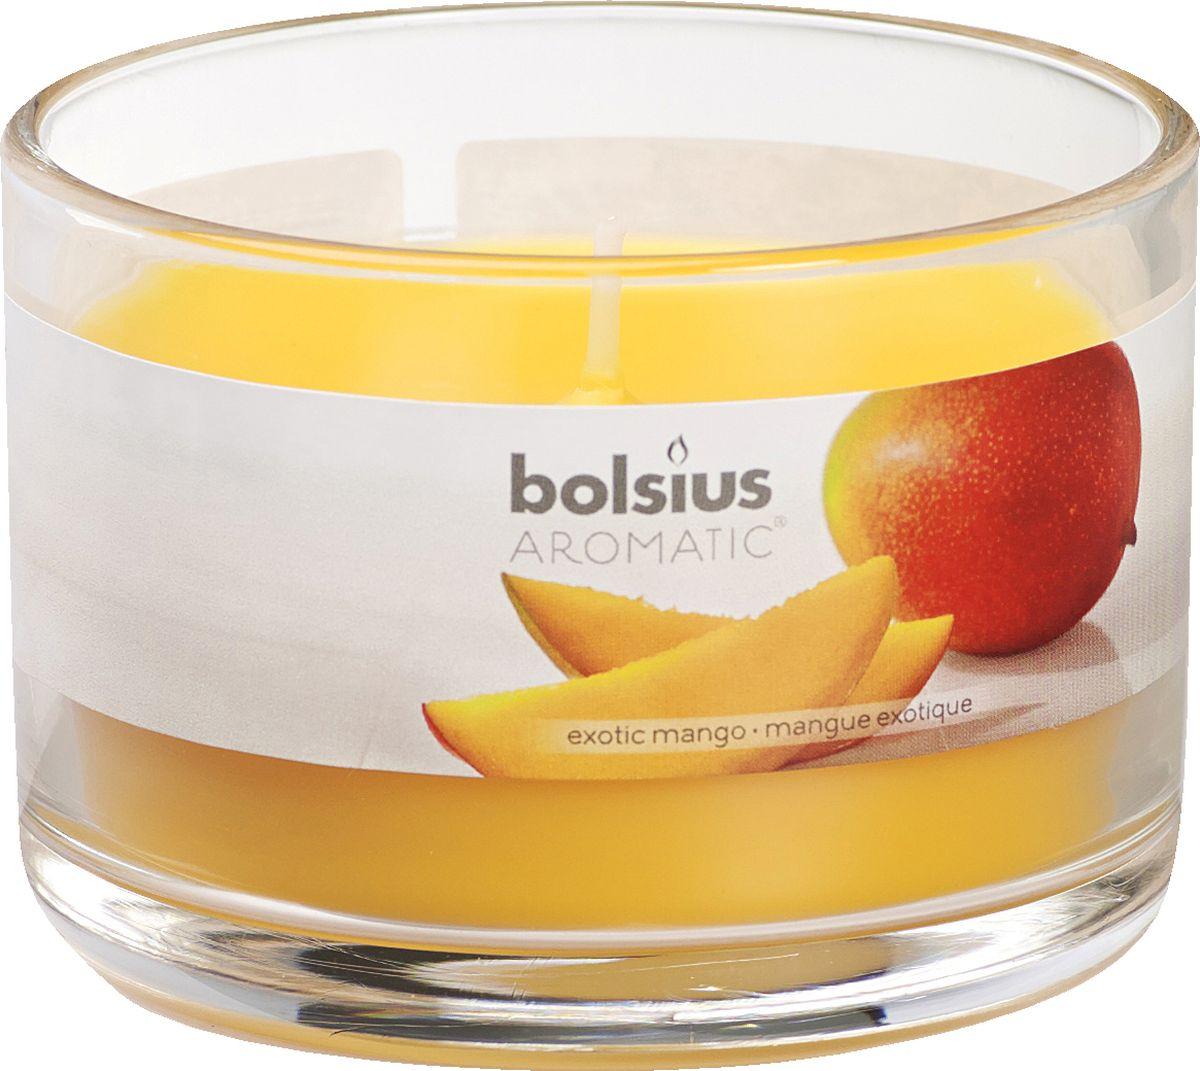 Свеча ароматизированная Bolsius Манго, высота 6,3 см103625820310Ароматизированная свеча Bolsius, изготовленная из парафина, помещена в подсвечник, выполненный из стекла. Изделие отличается оригинальным дизайном и приятным ароматом. Такая свеча не только поможет дополнить интерьер вашей комнаты, но и станет отличным подарком.